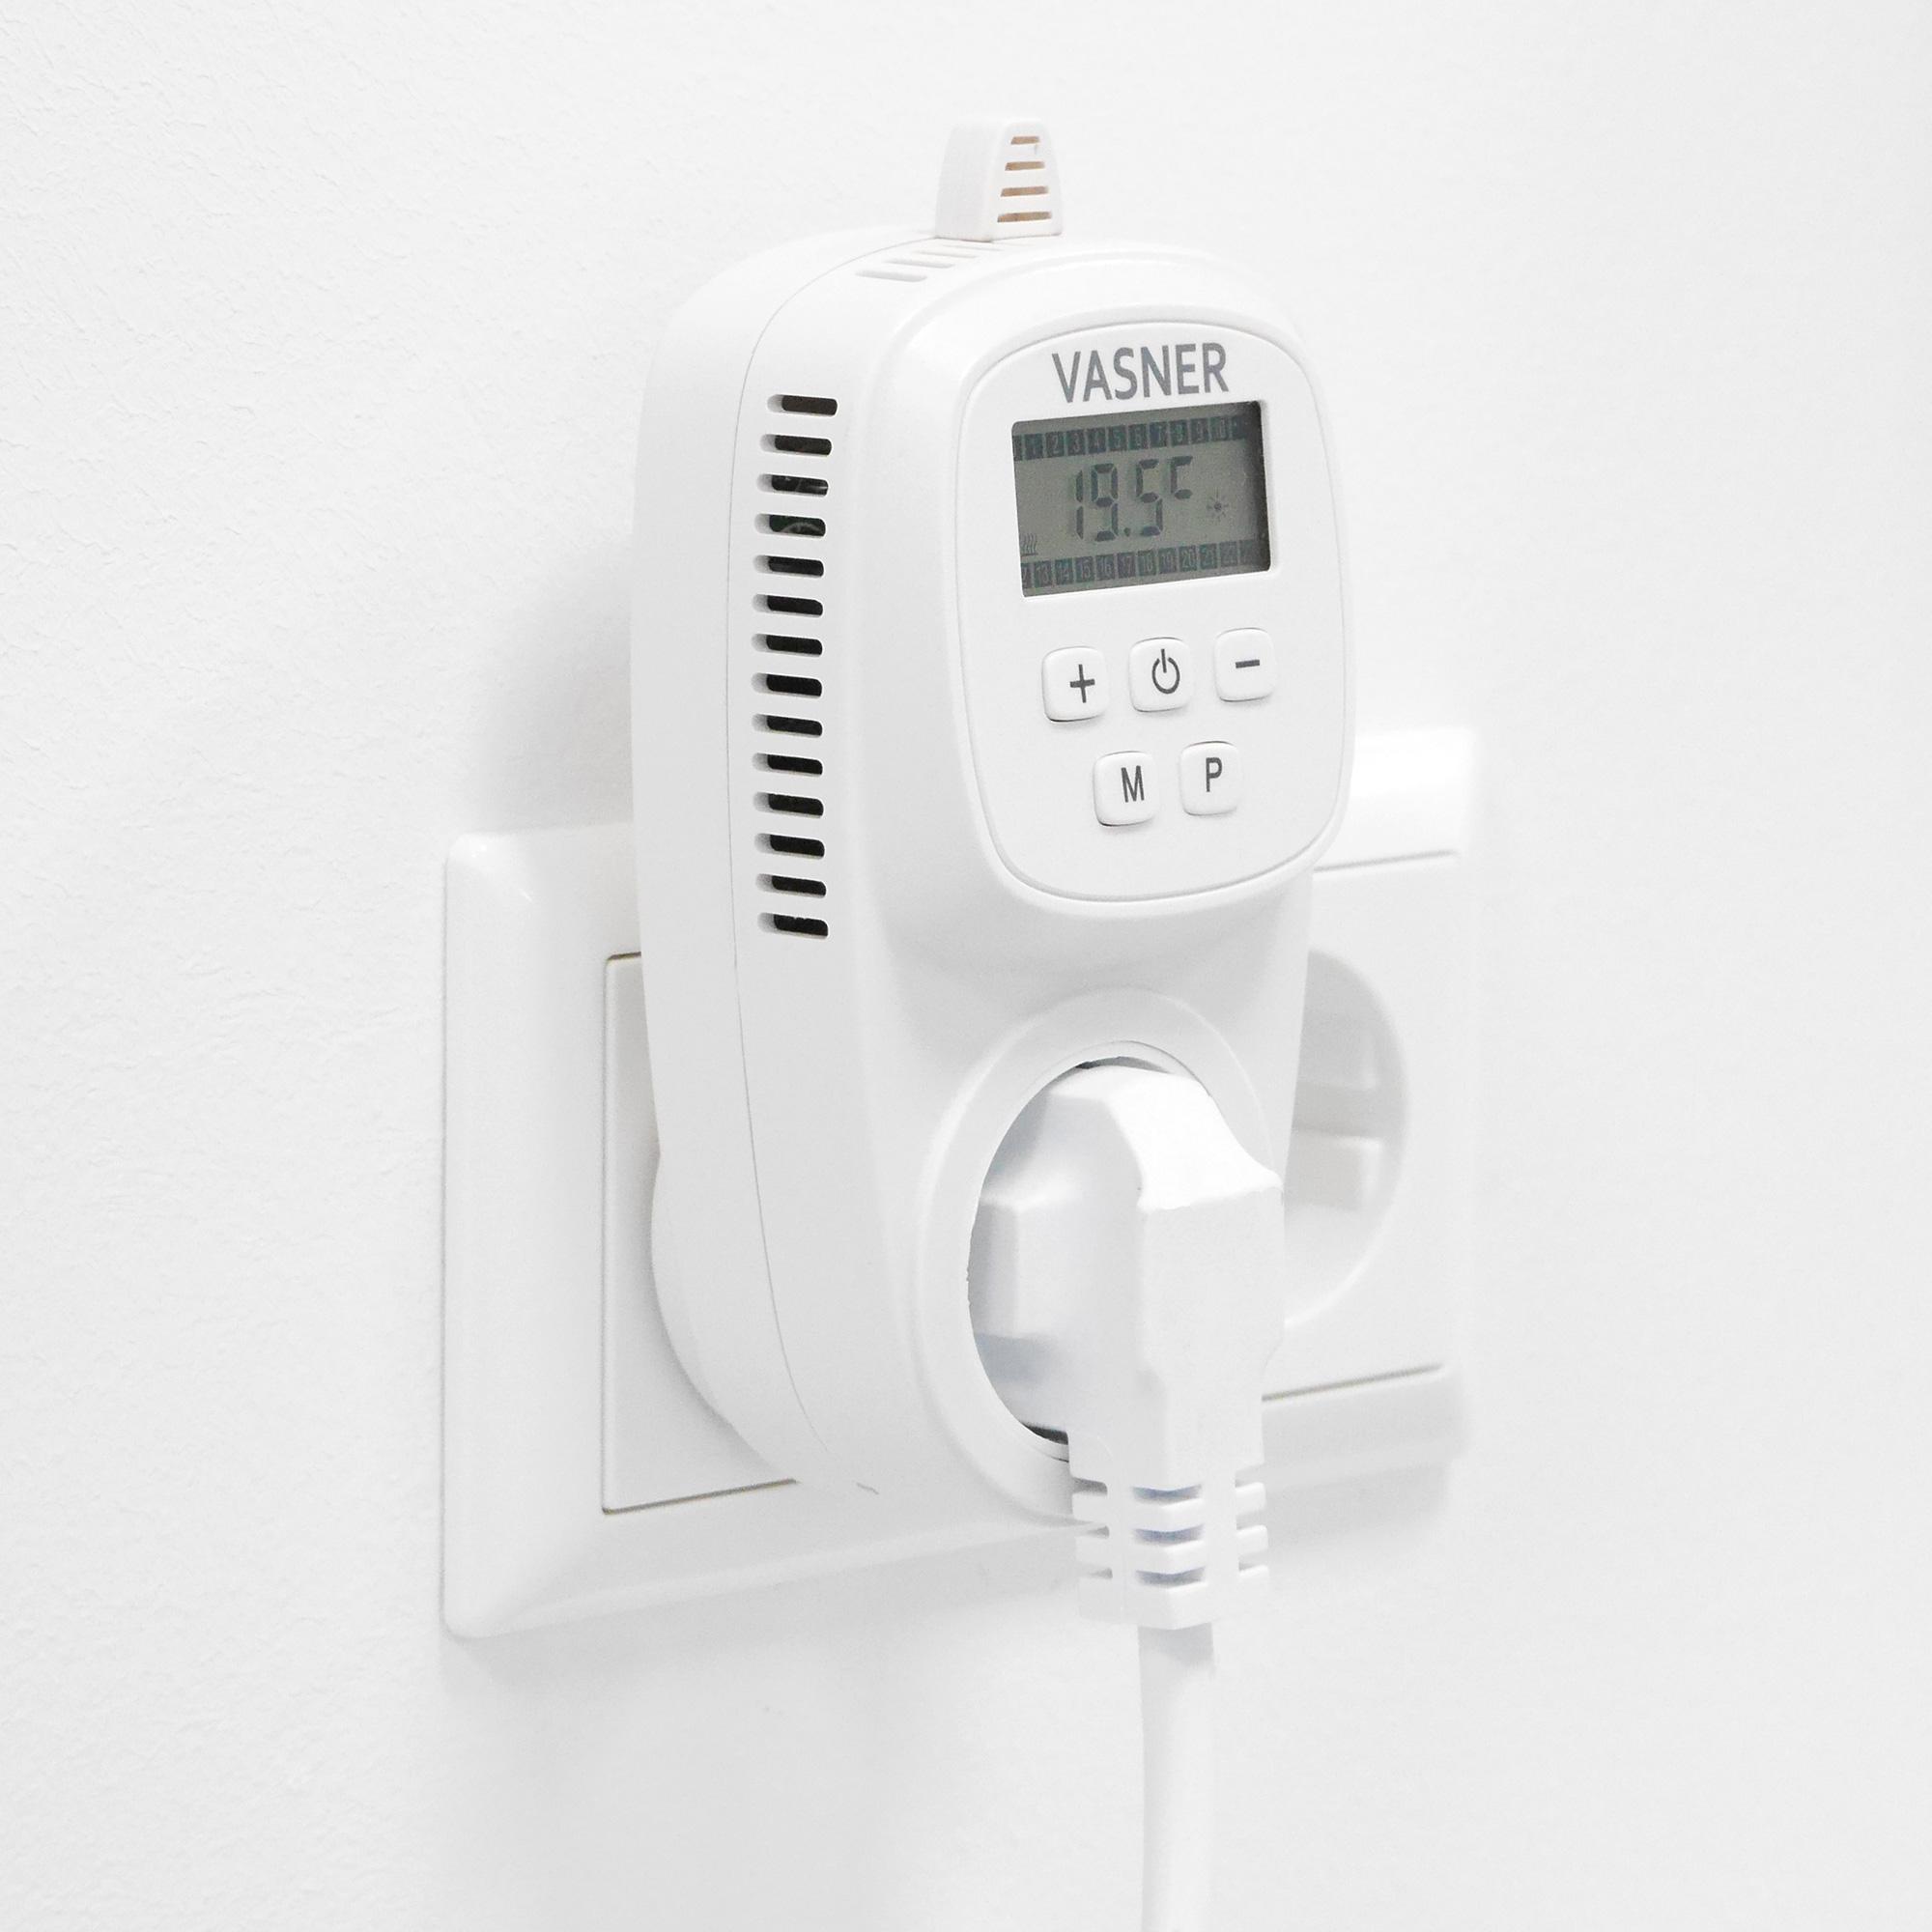 Das Infrarot Deckenheizung Steckdosen Thermostat VUT35 von VASNER